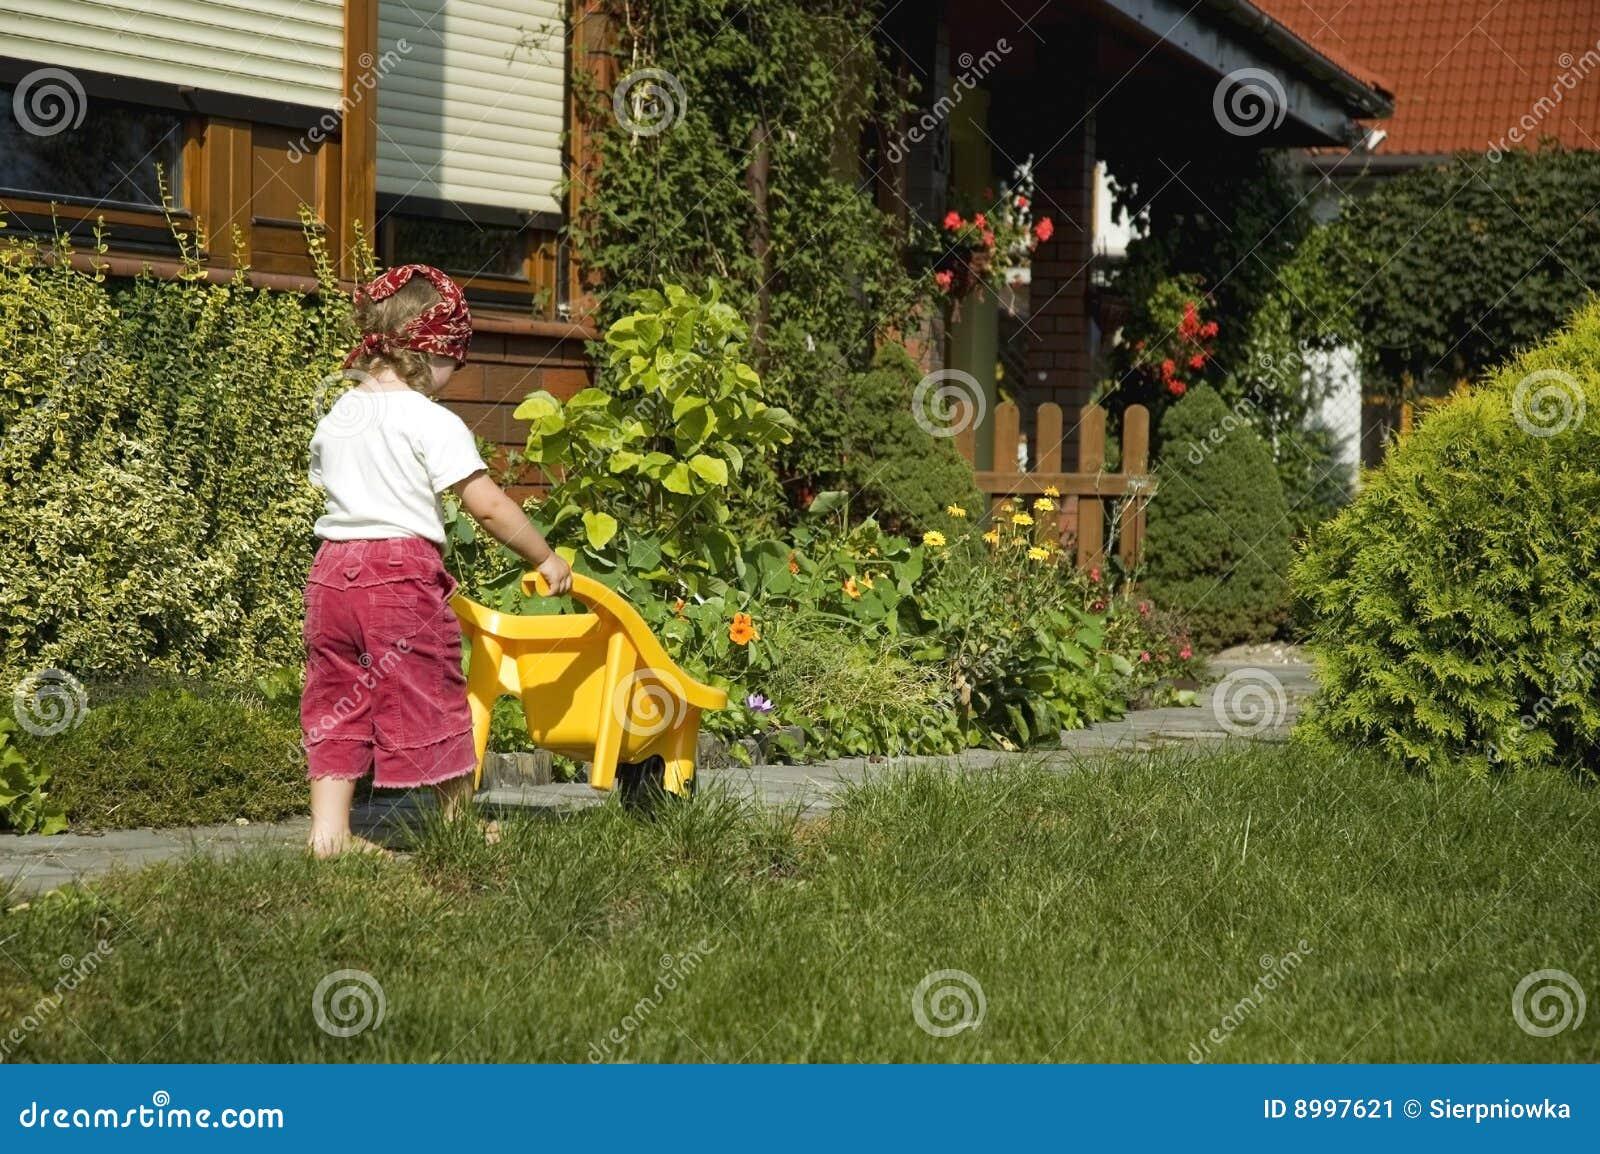 Little girl having fun in garden